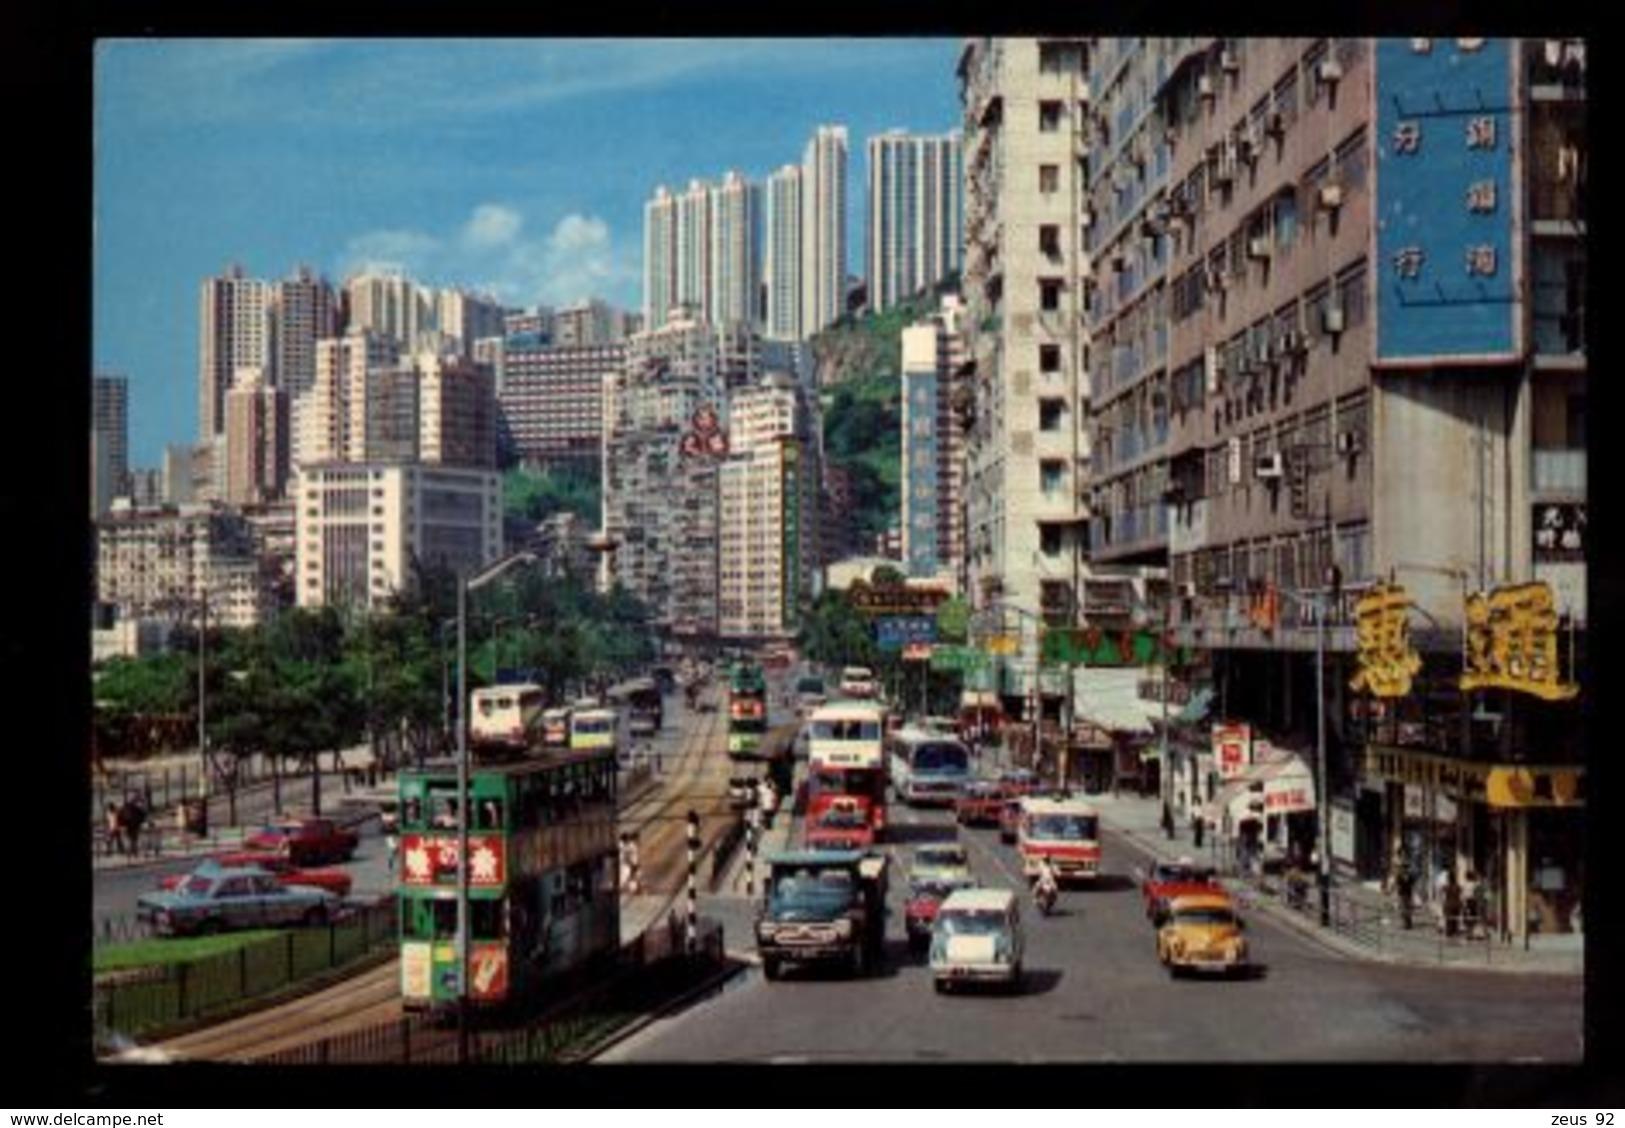 C1421 CHINA HONG KONG - CAUSEWAY ROAD 1978 - Cina (Hong Kong)